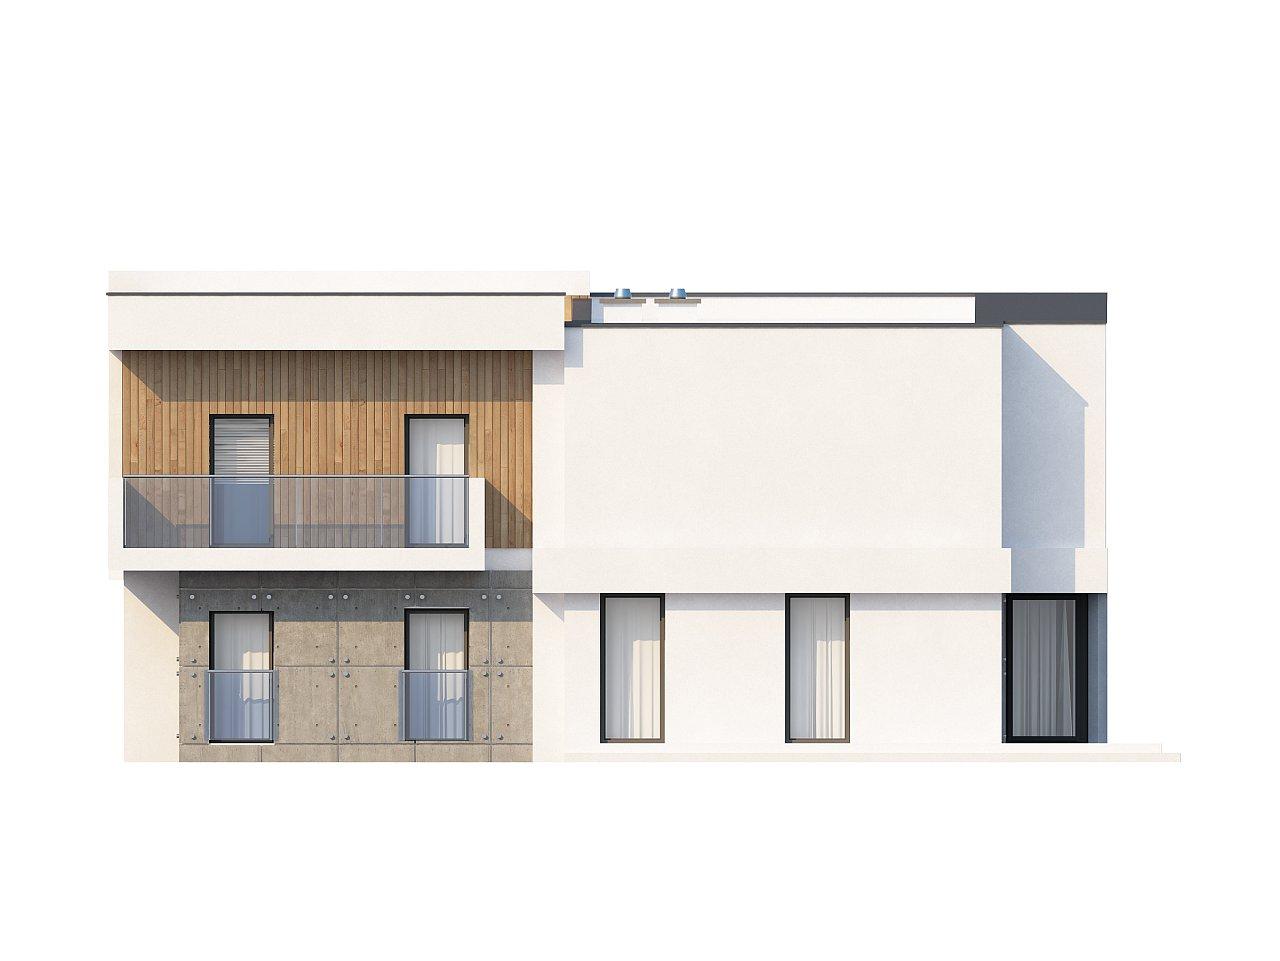 Просторный дом современного дизайна с гаражом и кабинетом на первом этаже. 5